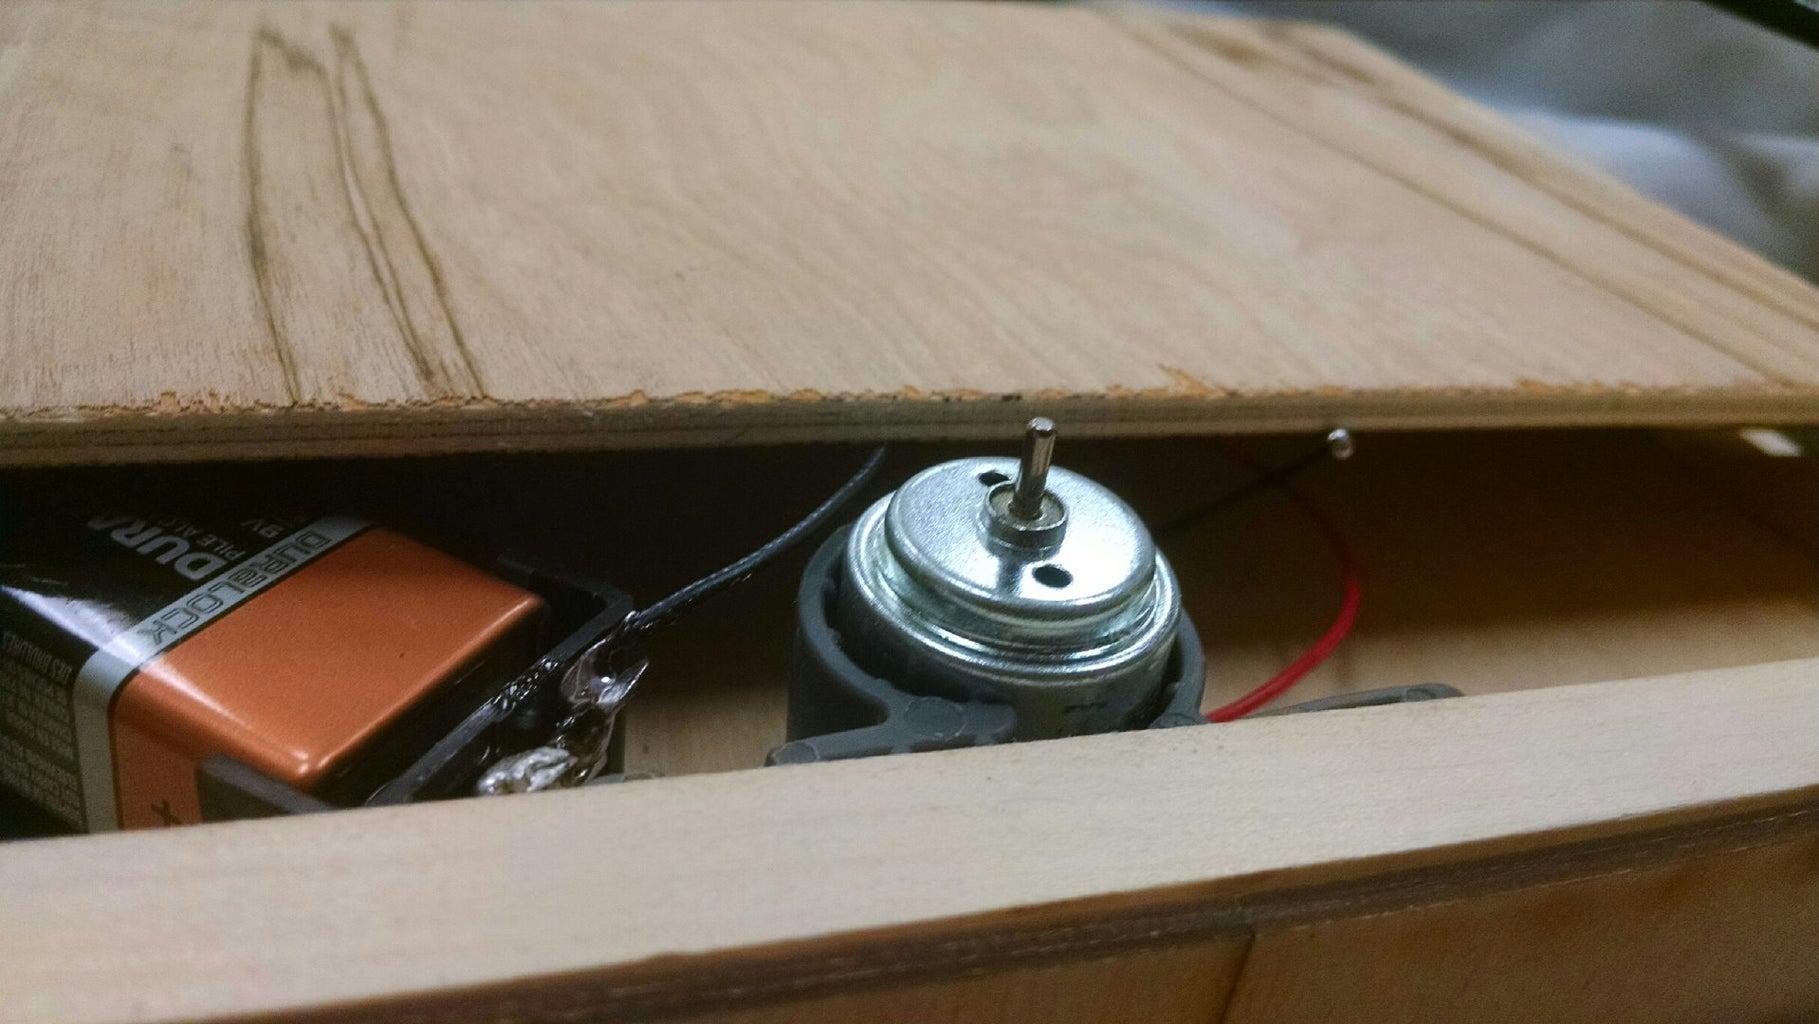 Motor & Wiring